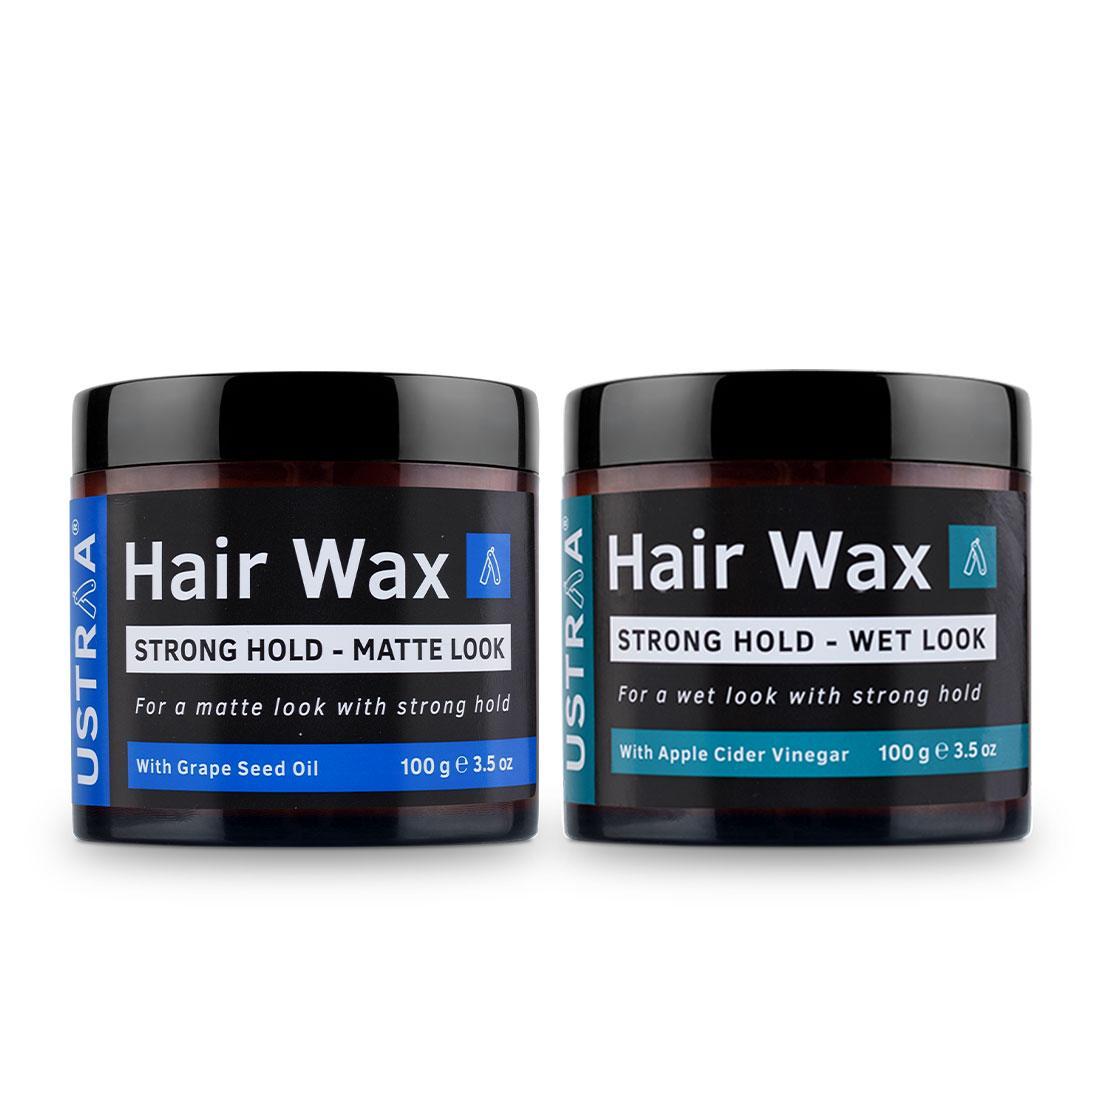 Ustraa Hair Wax Combo For Men: Wet Look + Matte Look (Set of 2)